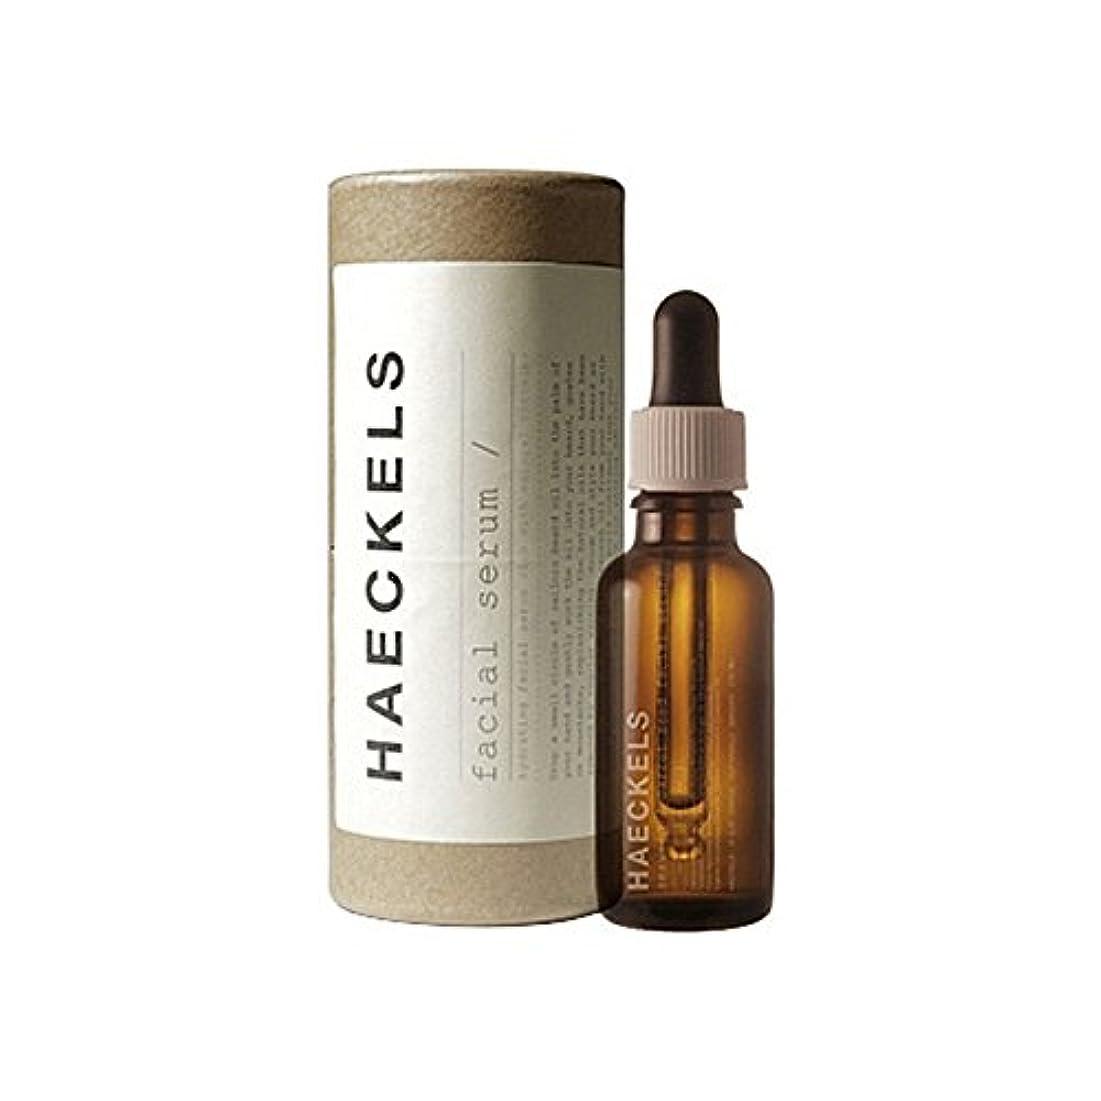 ぶら下がる自伝ブレーク海藻やニンジン種子顔セラム30を x4 - Haeckels Seaweed And Carrot Seed Face Serum 30Ml (Pack of 4) [並行輸入品]